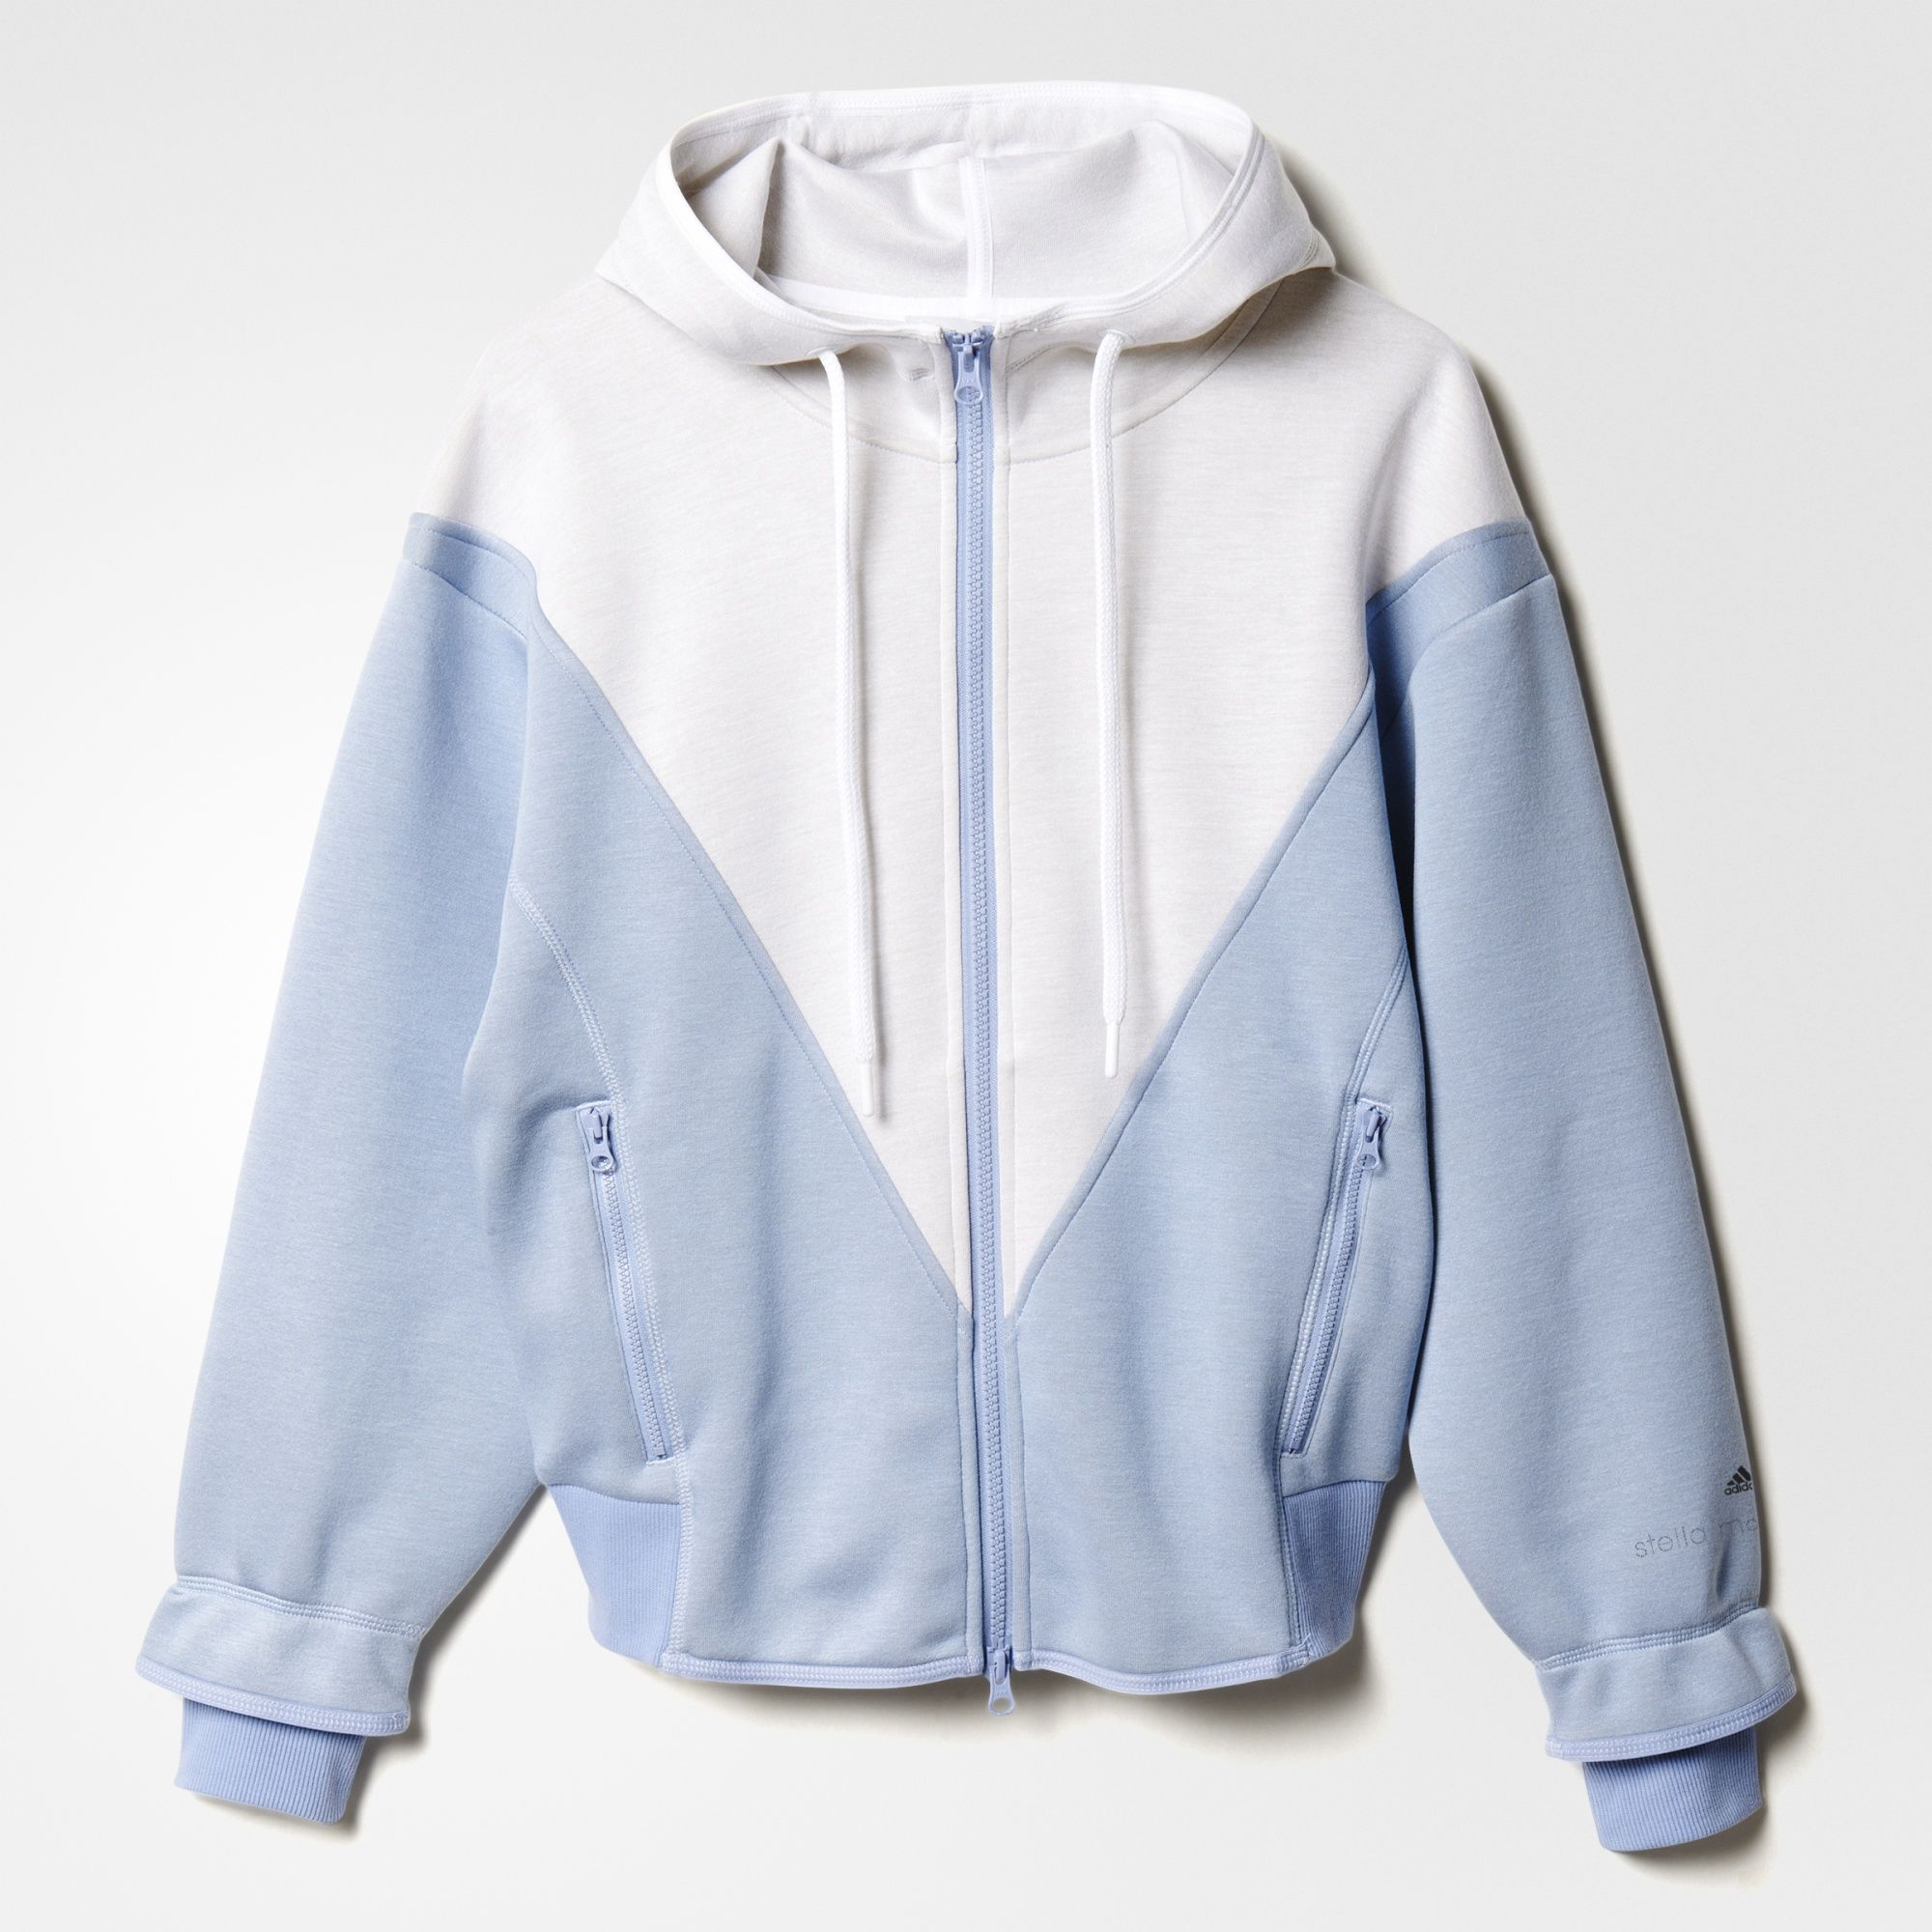 Adidas by Stella McCartney R$ 479